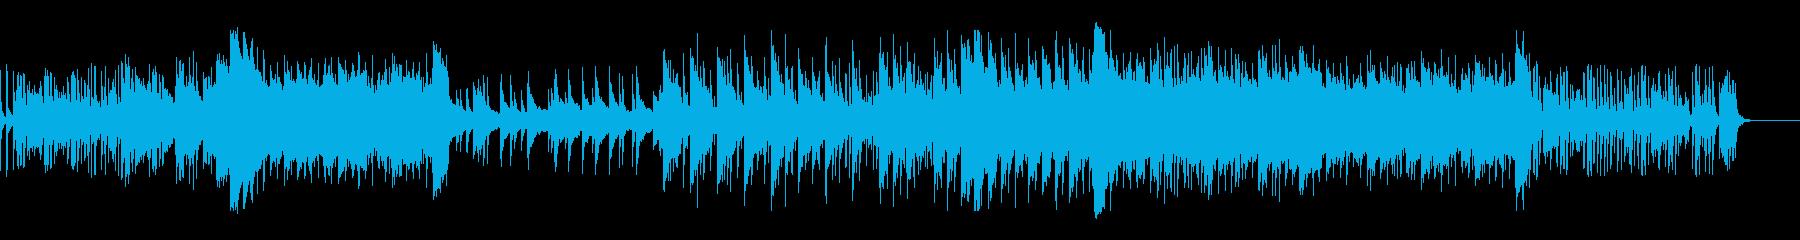 【和風】琴と尺八の切ないバラードの再生済みの波形